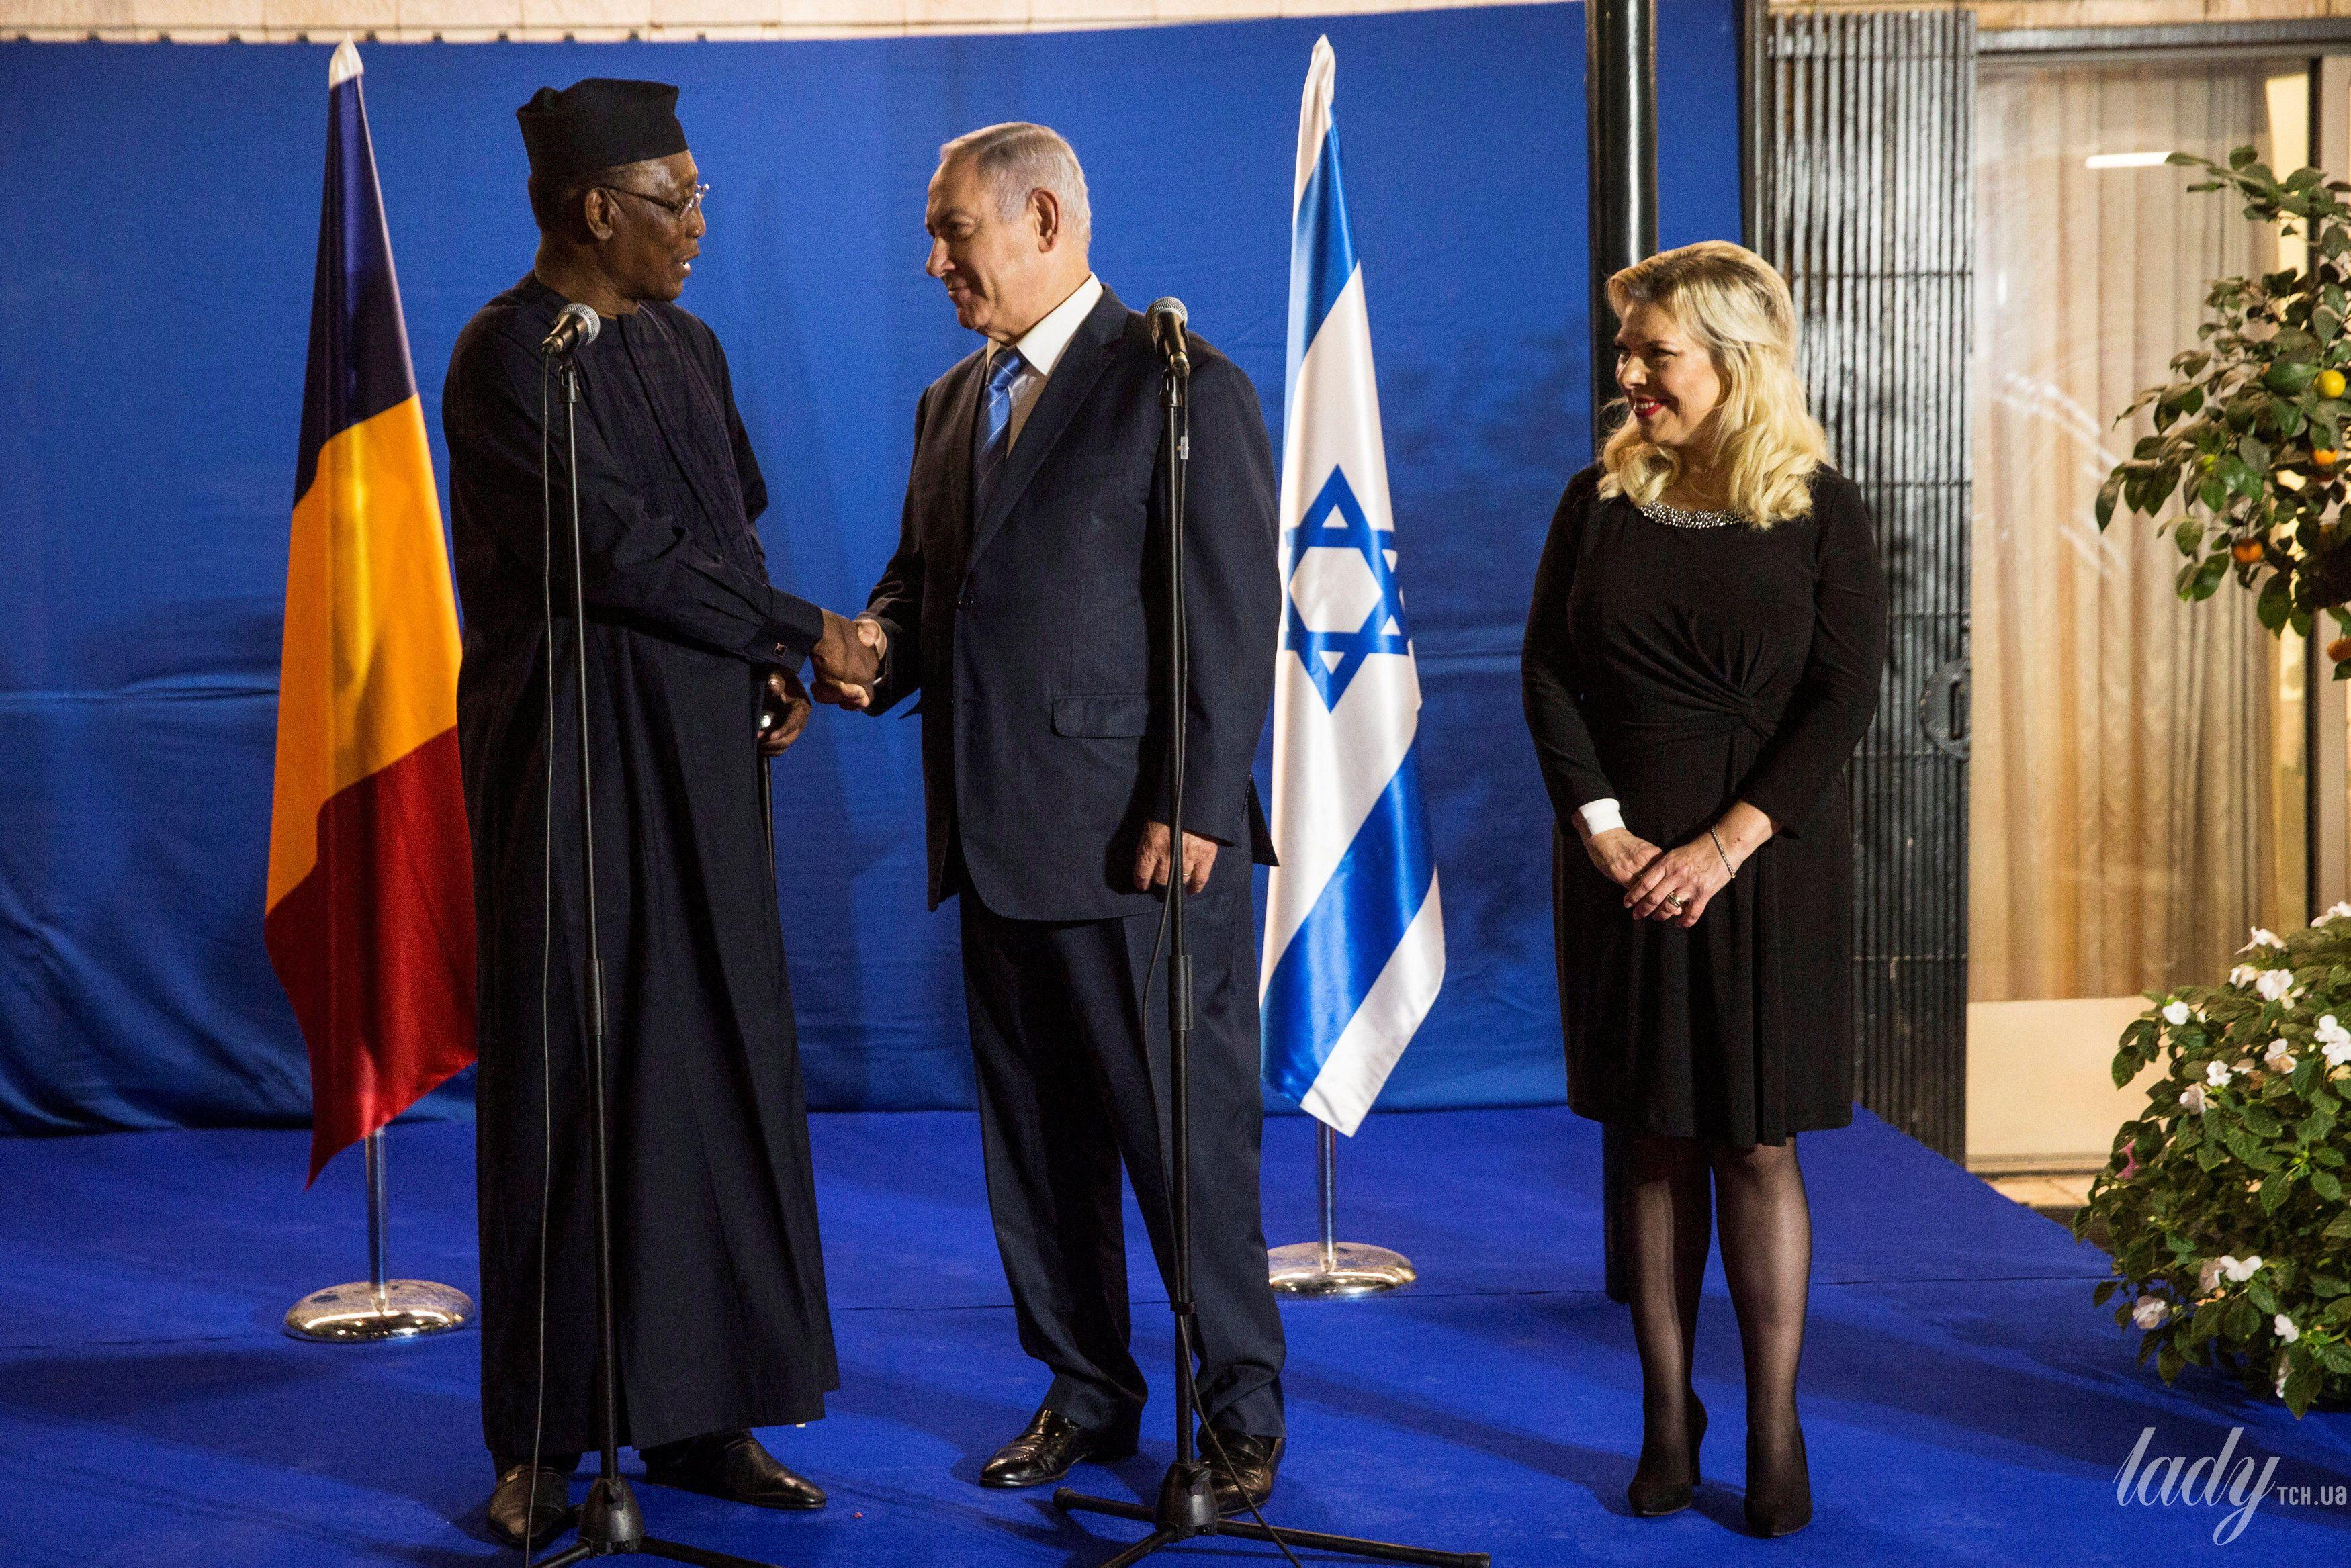 Жена премьер-министра Израиля Сара Нетаньяху_2